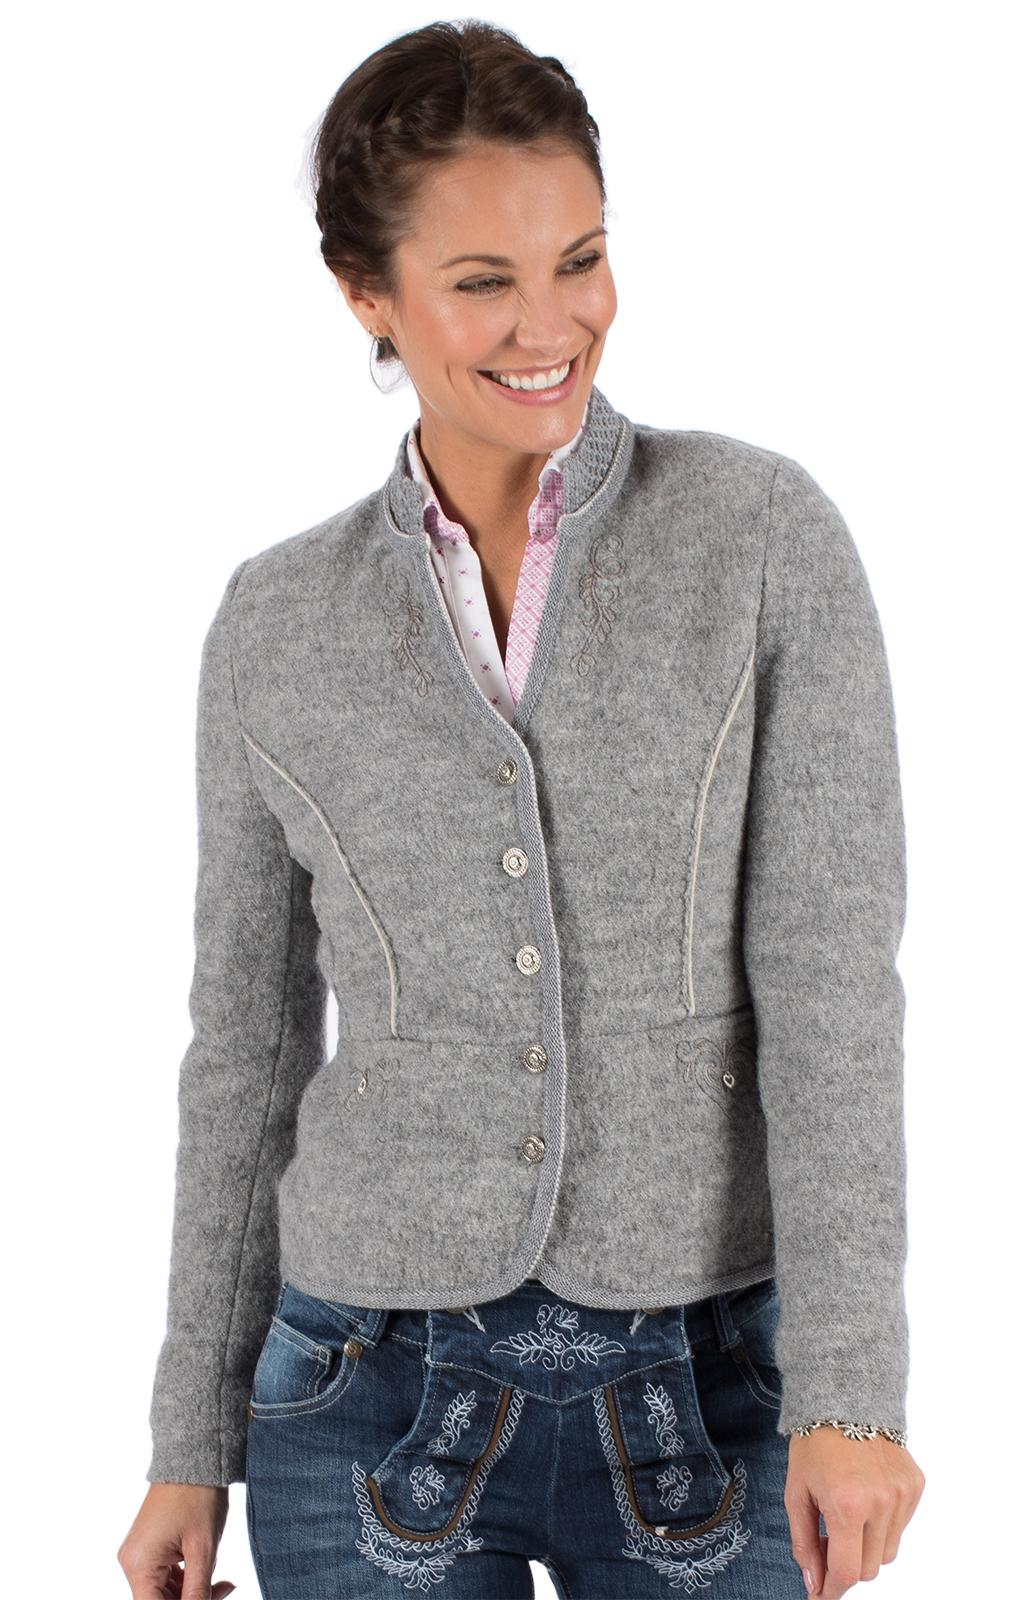 weitere Bilder von Traditional Jackets Walk Jacket KRIEMHILD WJ gray